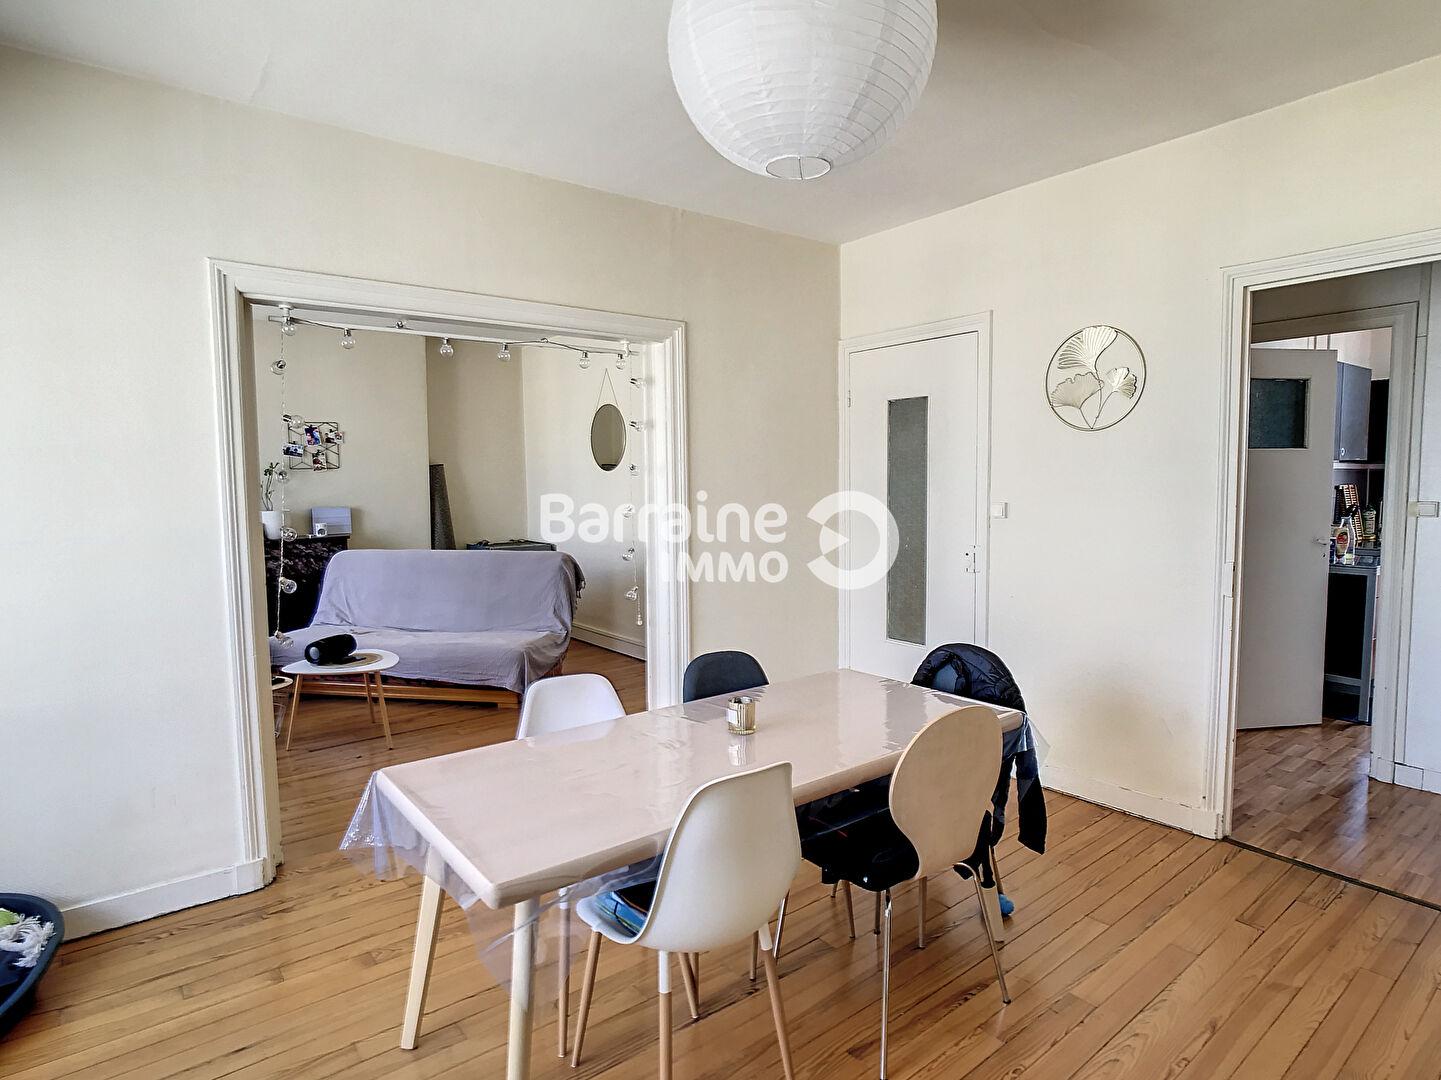 A LOUER BREST SIAM APPARTEMENT T4 85 m² DERNIER ETAGE